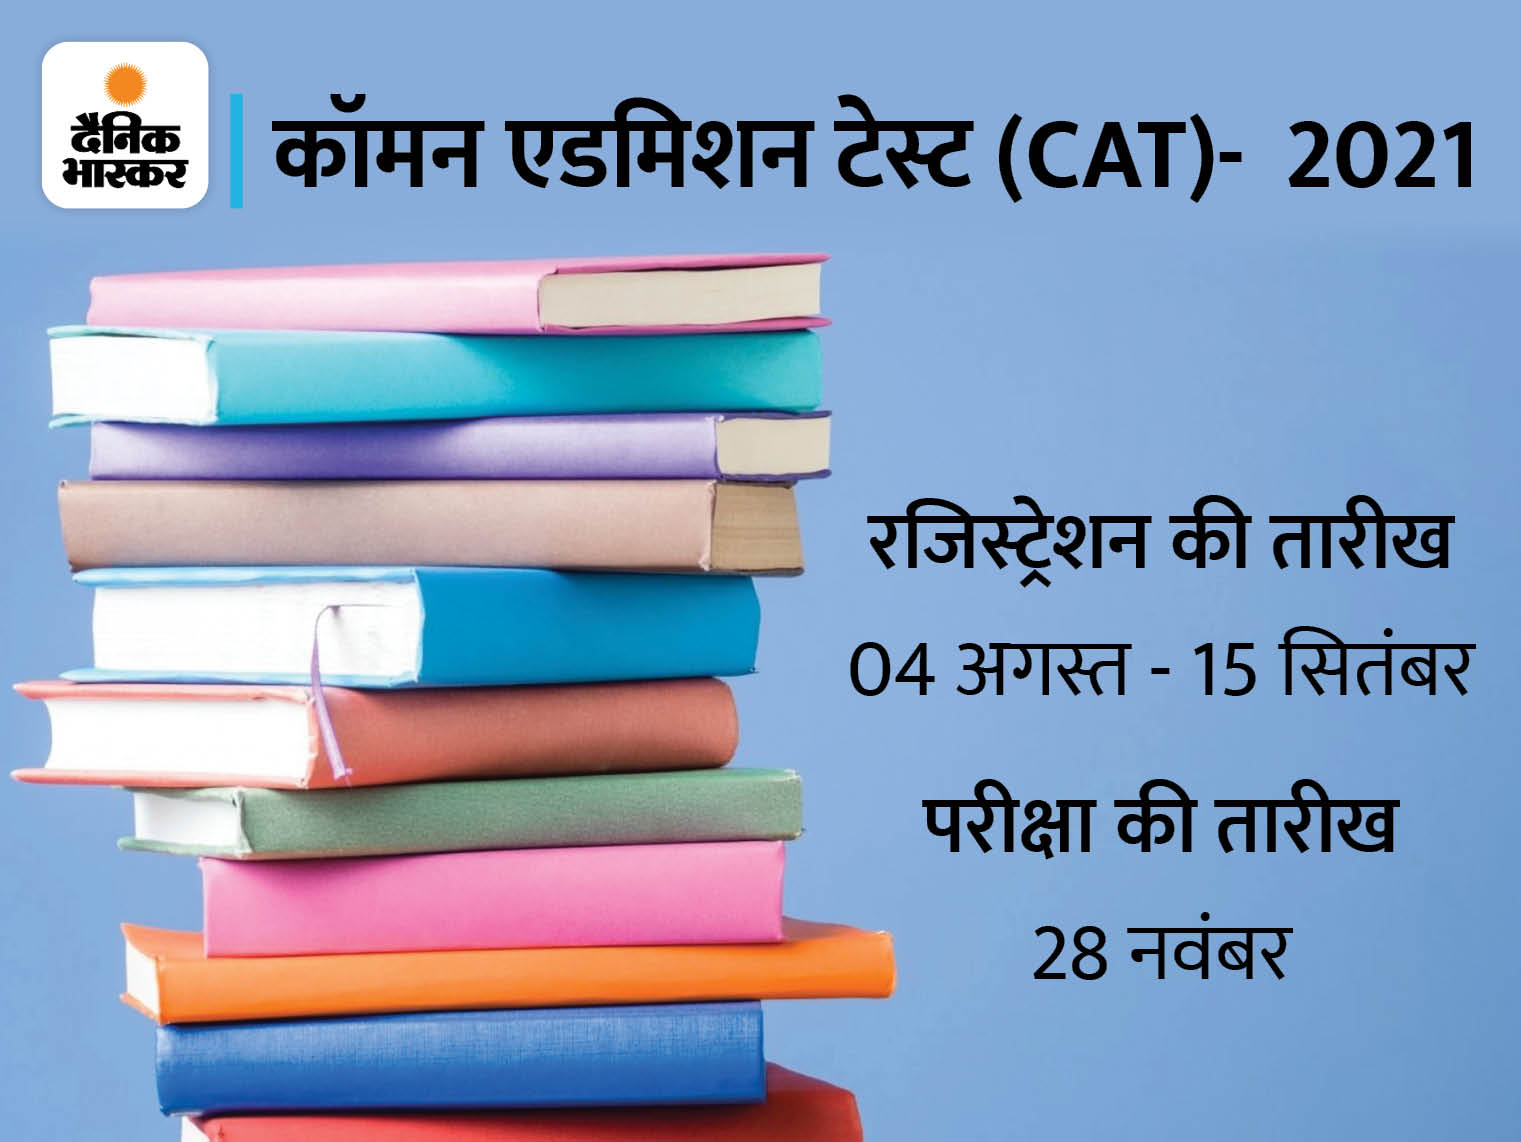 IIM ने जारी किया कॉमन एडमिशन टेस्ट का शेड्यूल, 28 नवंबर को देश के 158 शहरों में तीन सेशन में होगी परीक्षा|करिअर,Career - Dainik Bhaskar